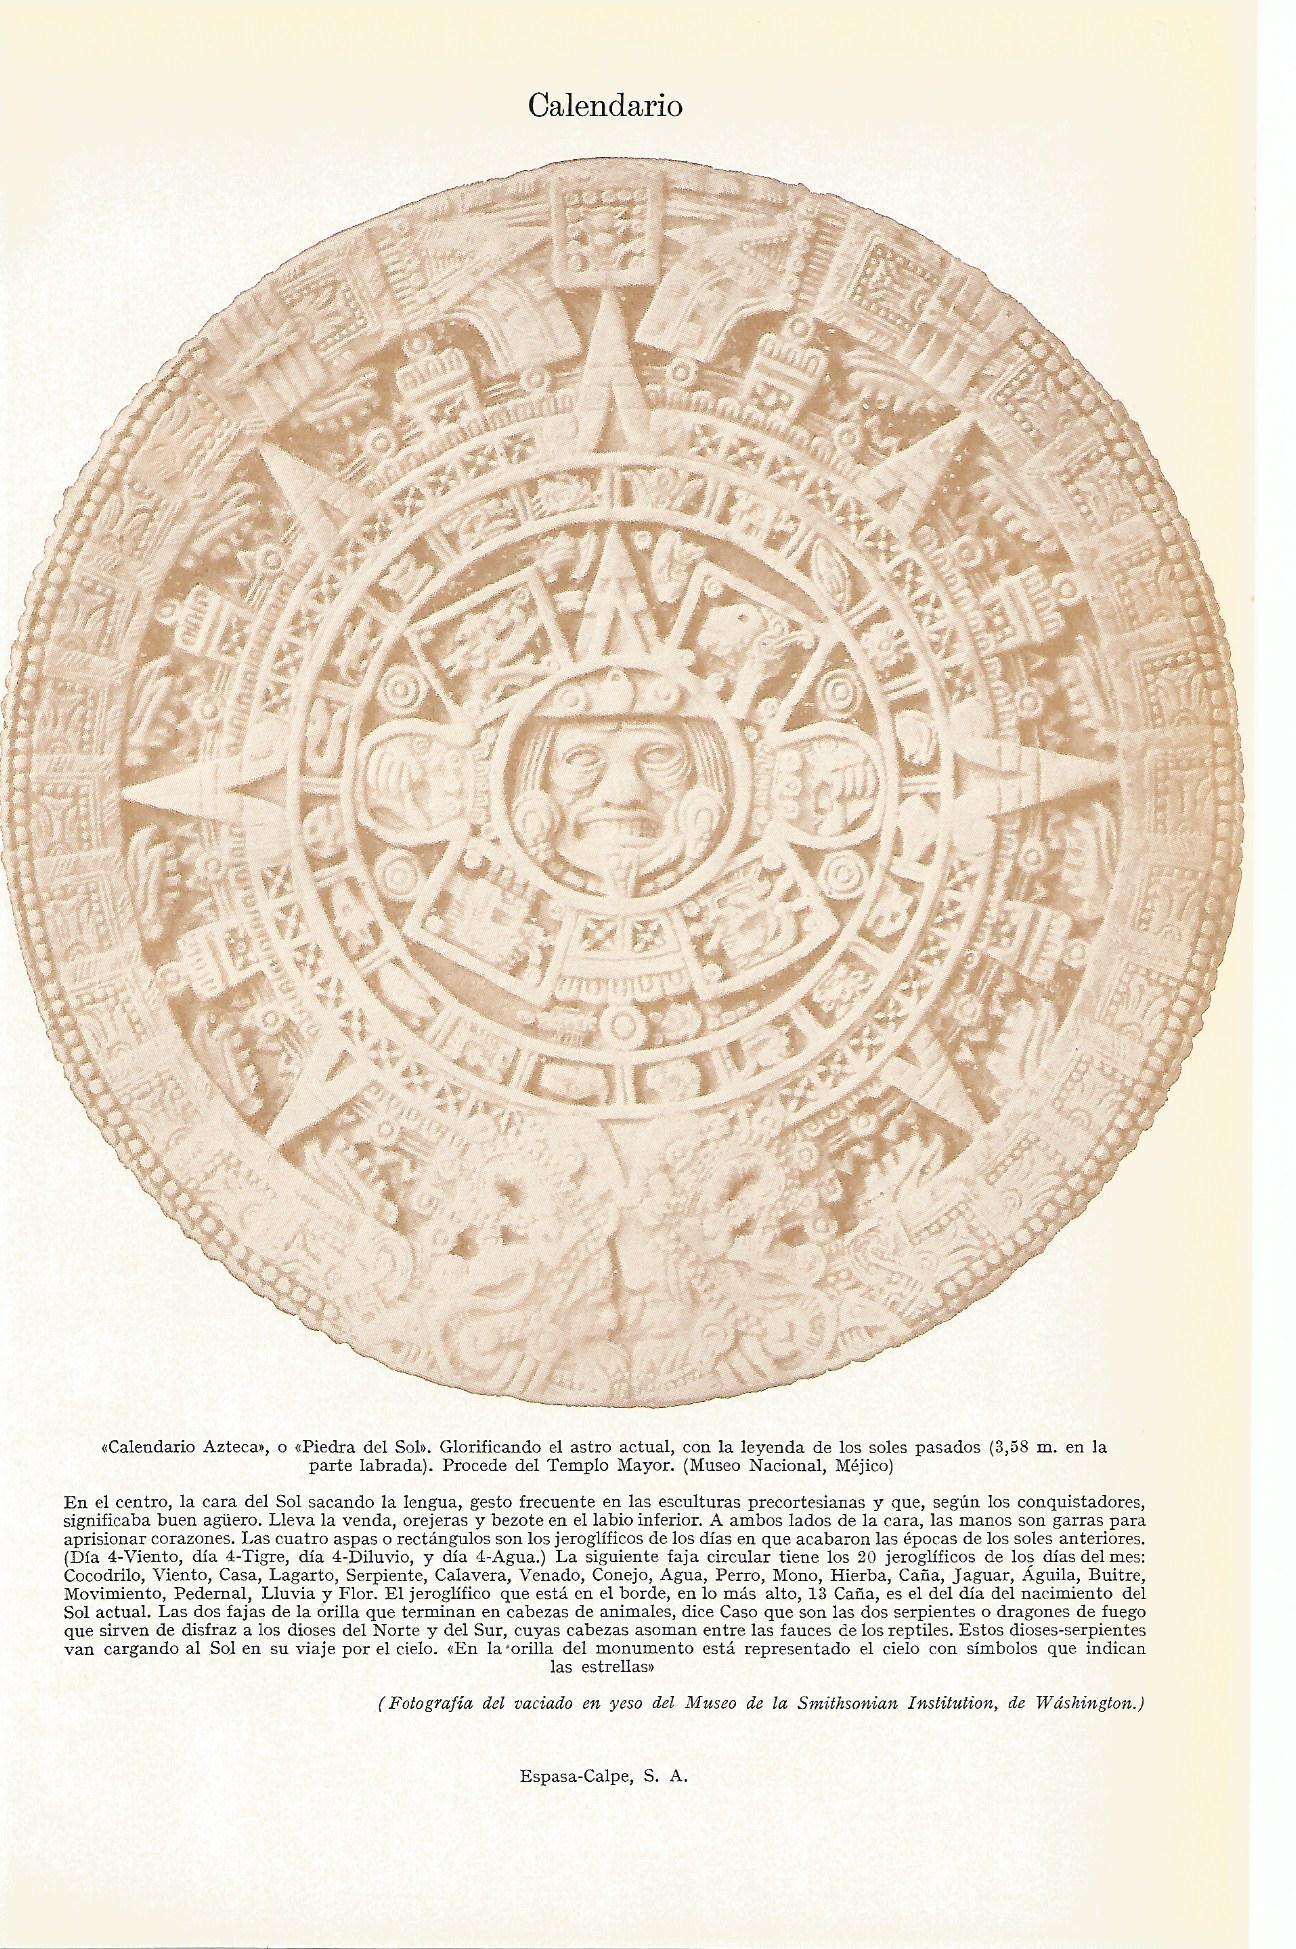 Calendario Azteca - AbeBooks